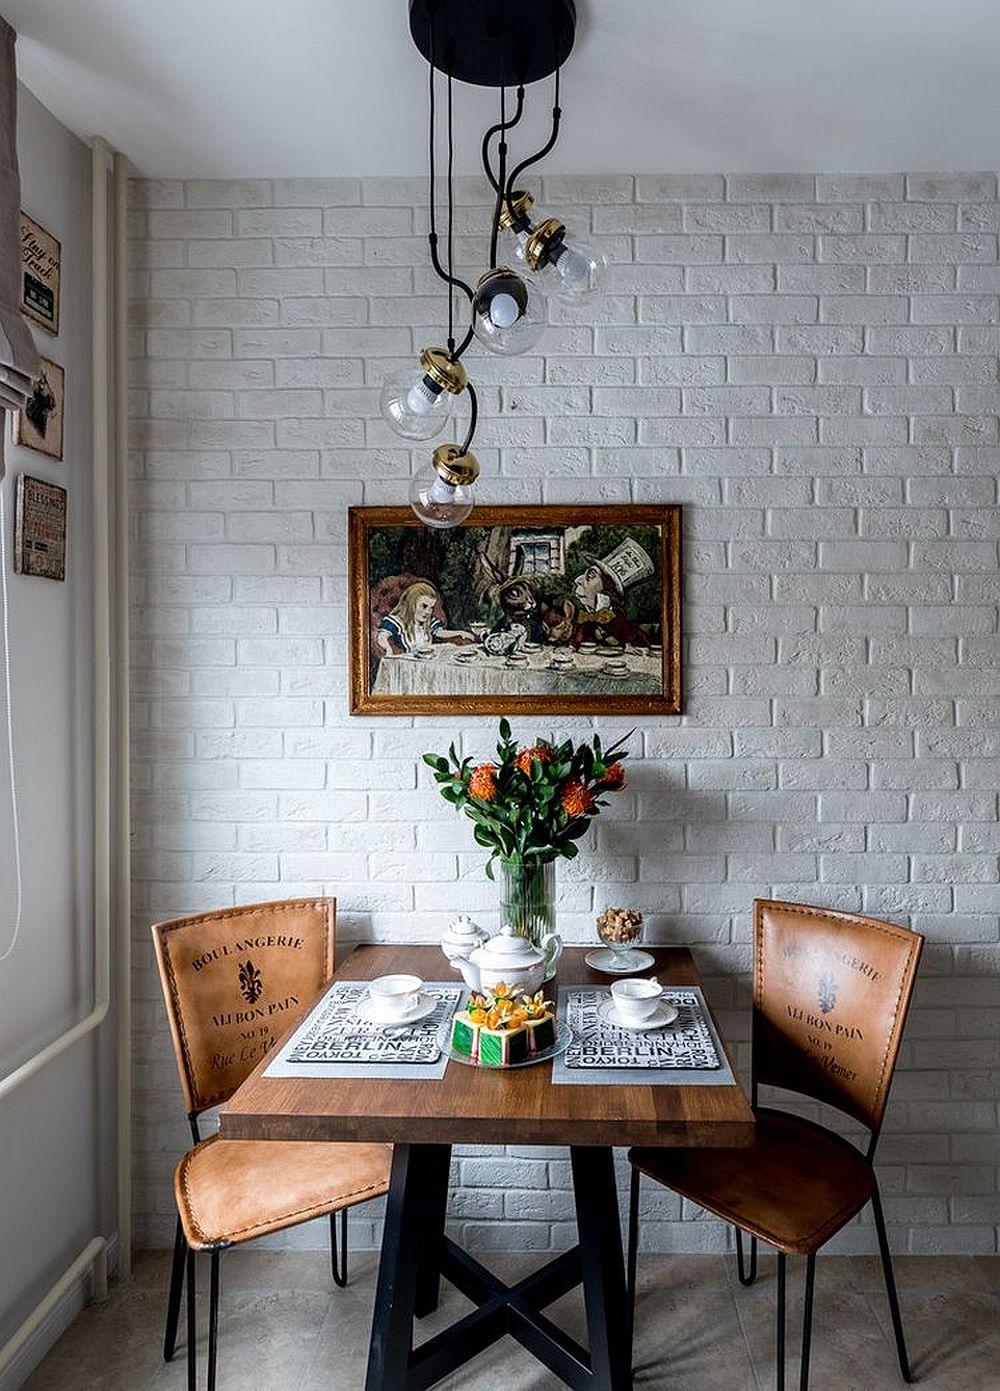 Pentru ca centrul micii bucătării să fie cât mai liber, adică să existe loc în fața frontului de lucru și acces la frigider, masa a fost poziționată alături de perete. Și pentru ca peretele să fie unul rezistent la frecare, inevitabilă cu spătarul scaunelor, designerul a prevăzut o placare cu cărămidă aparentă.